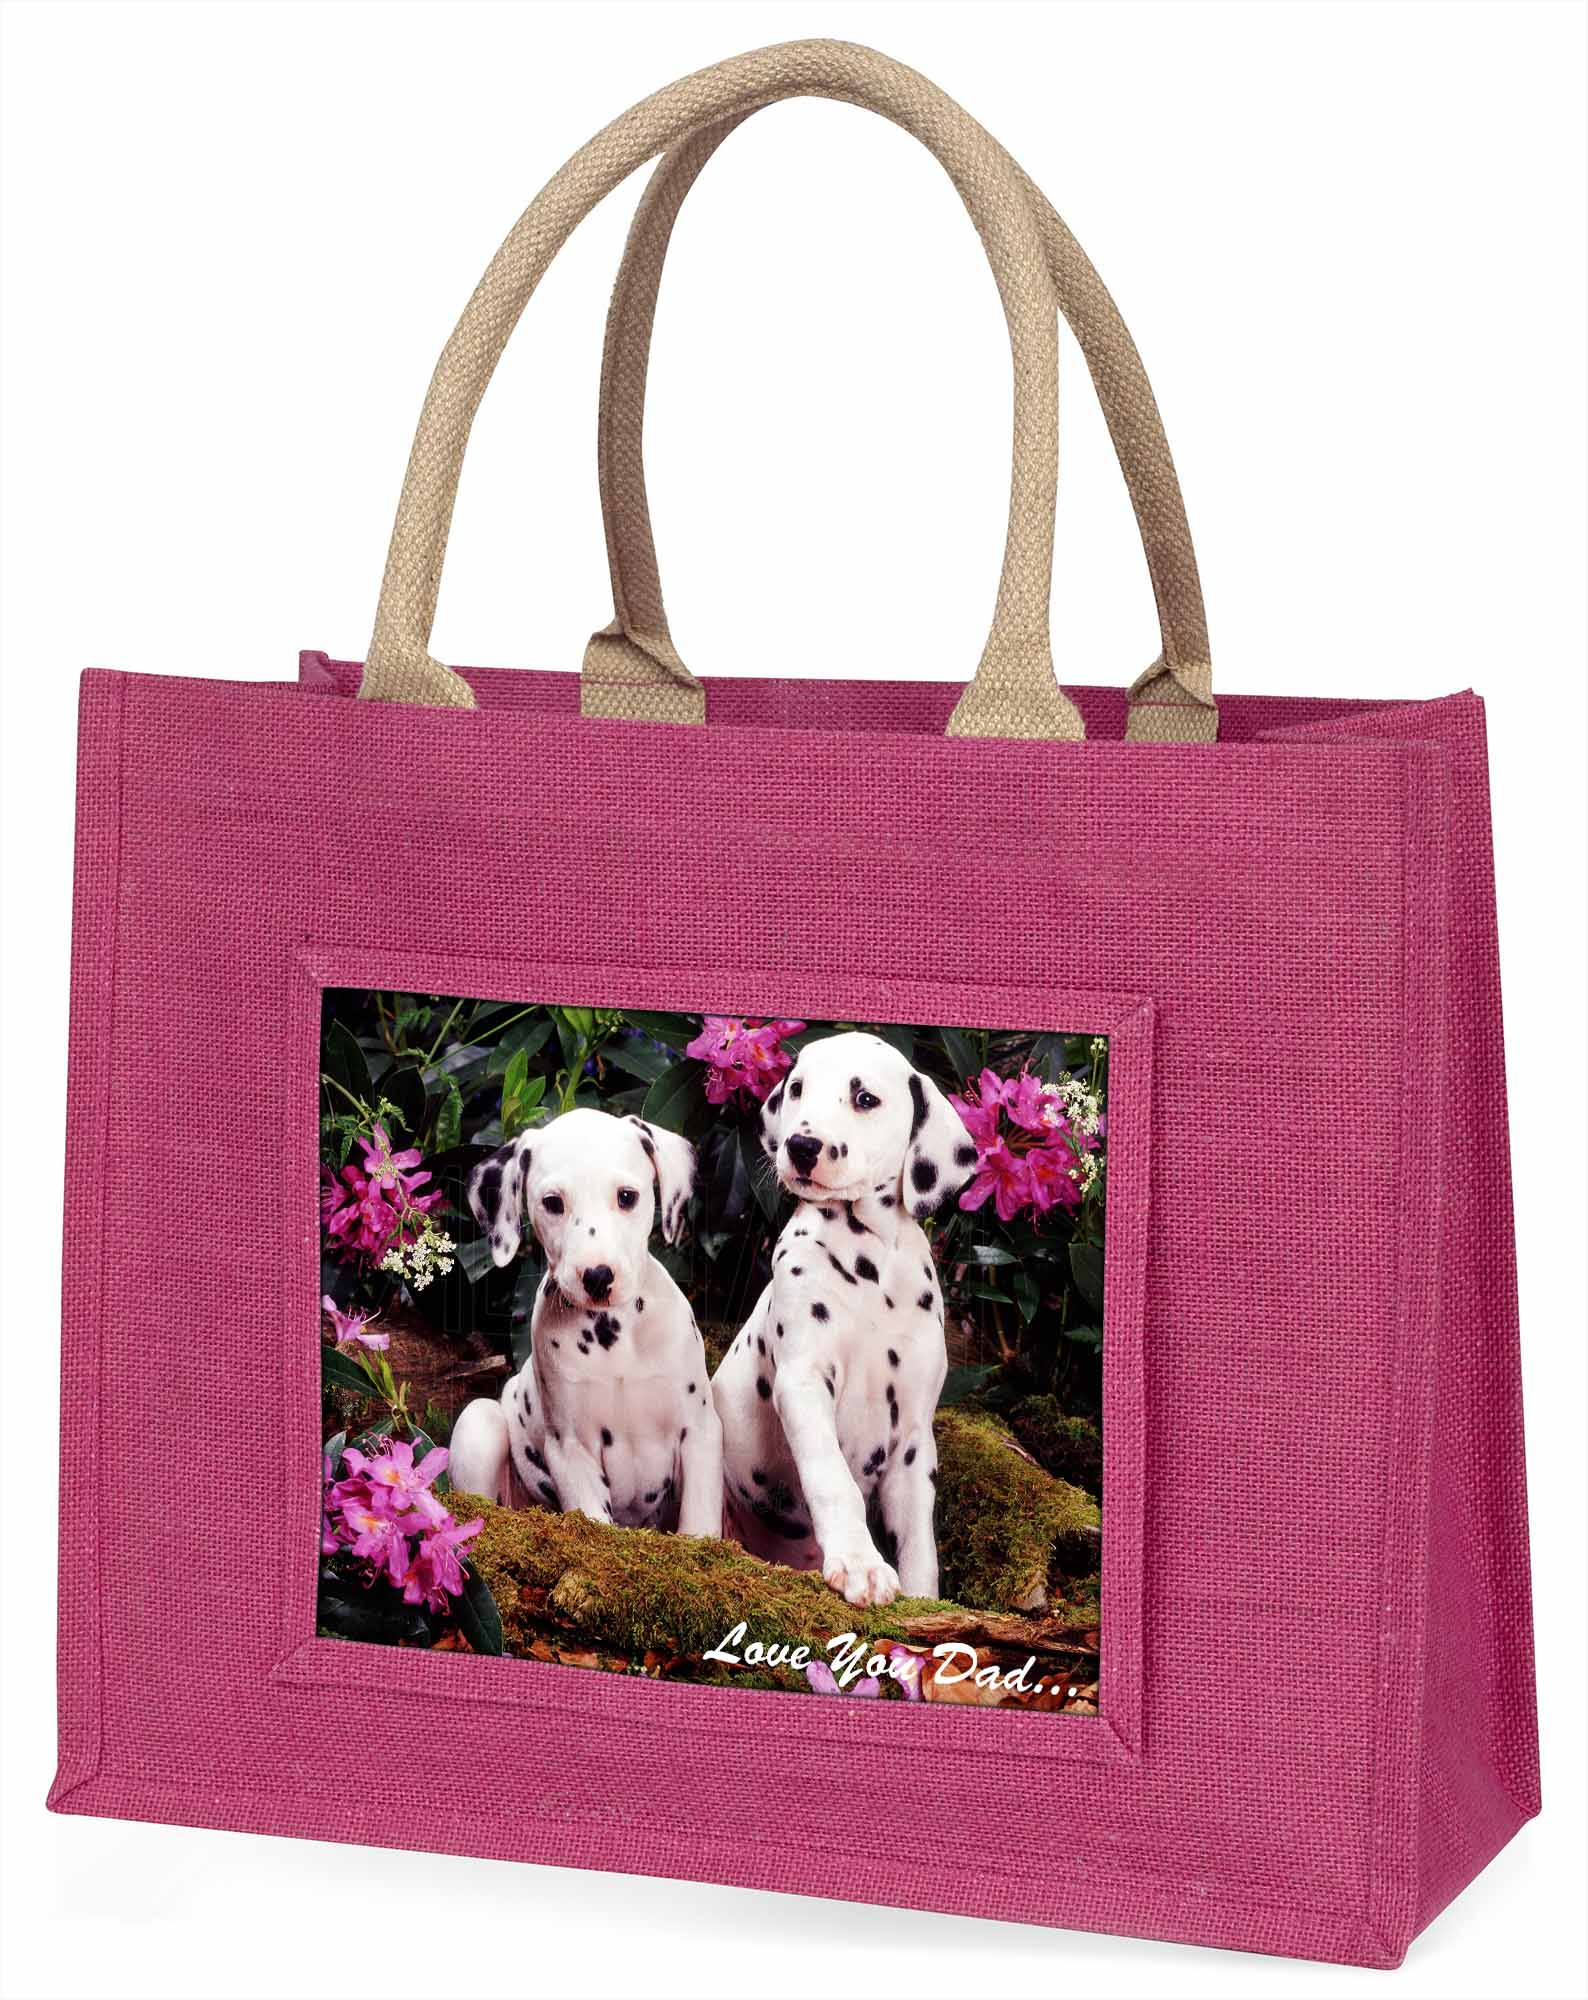 Dalmatiner Hunde' liebe Dich Papa' große rosa Einkaufstasche WEIHNACHTEN Prese ,